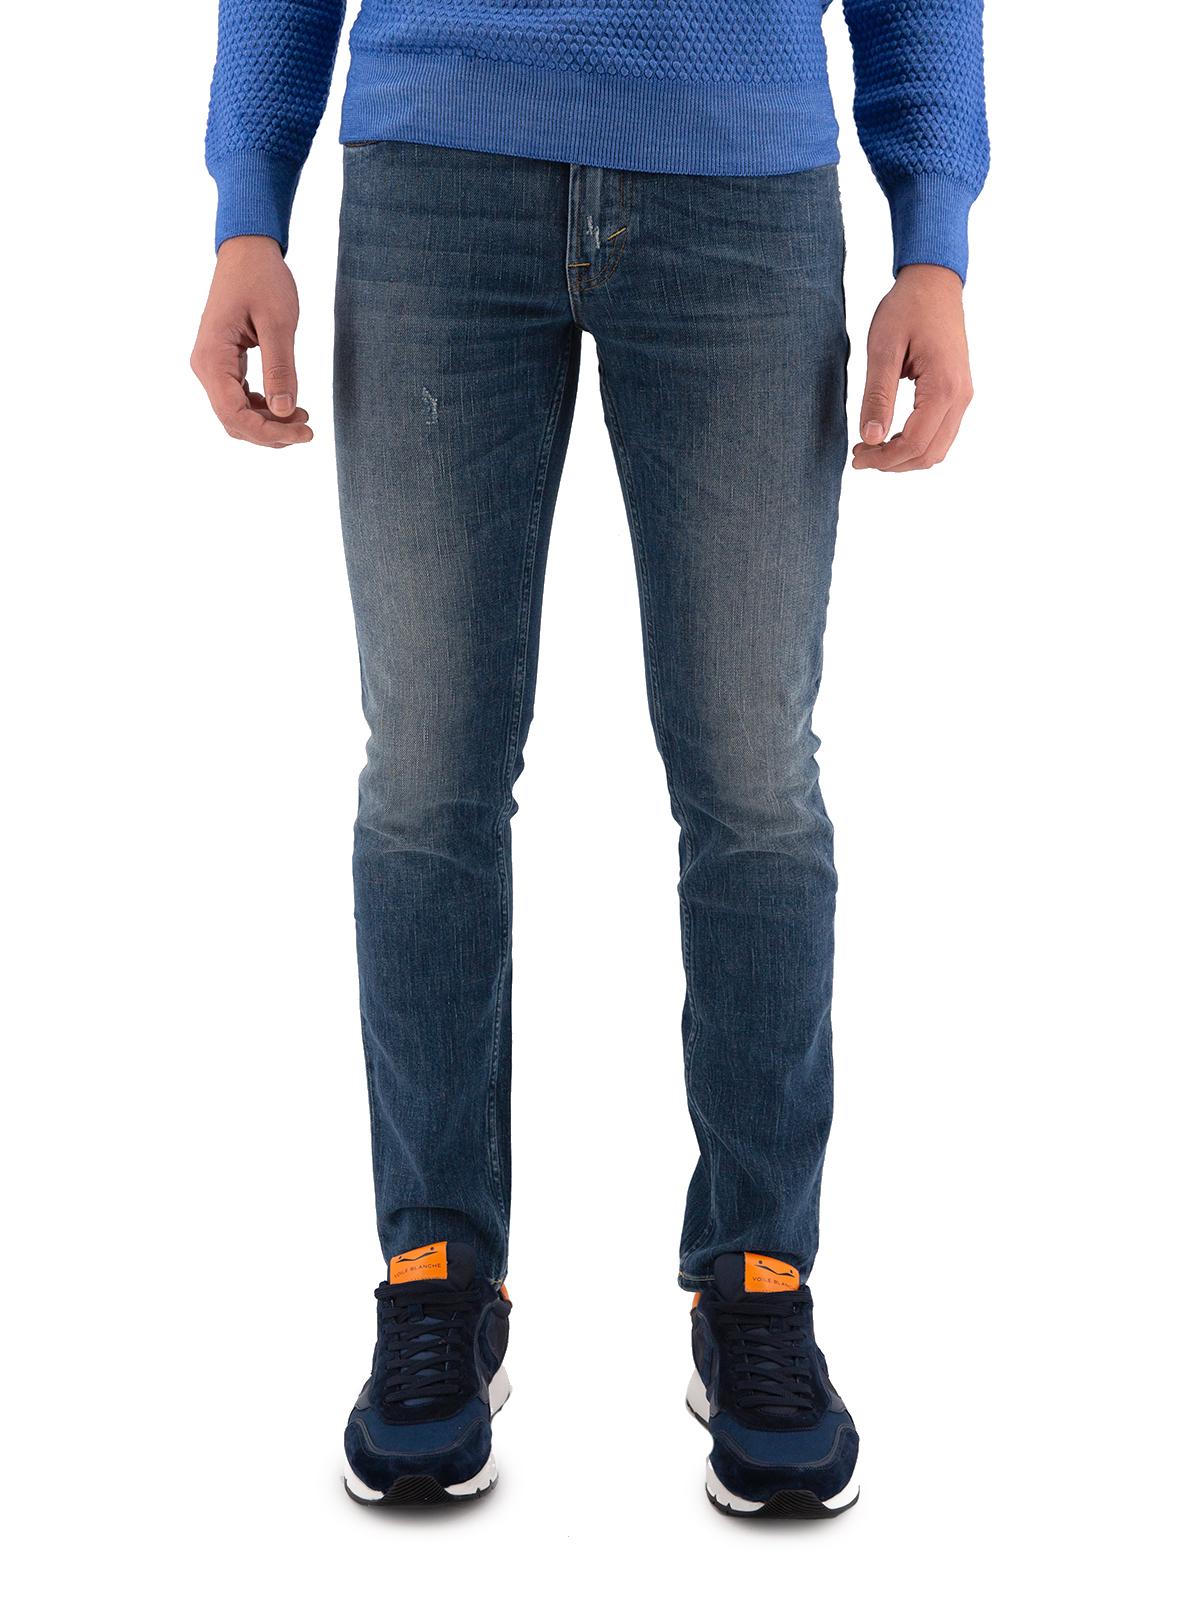 Department Five Jeans U00D11 D0001